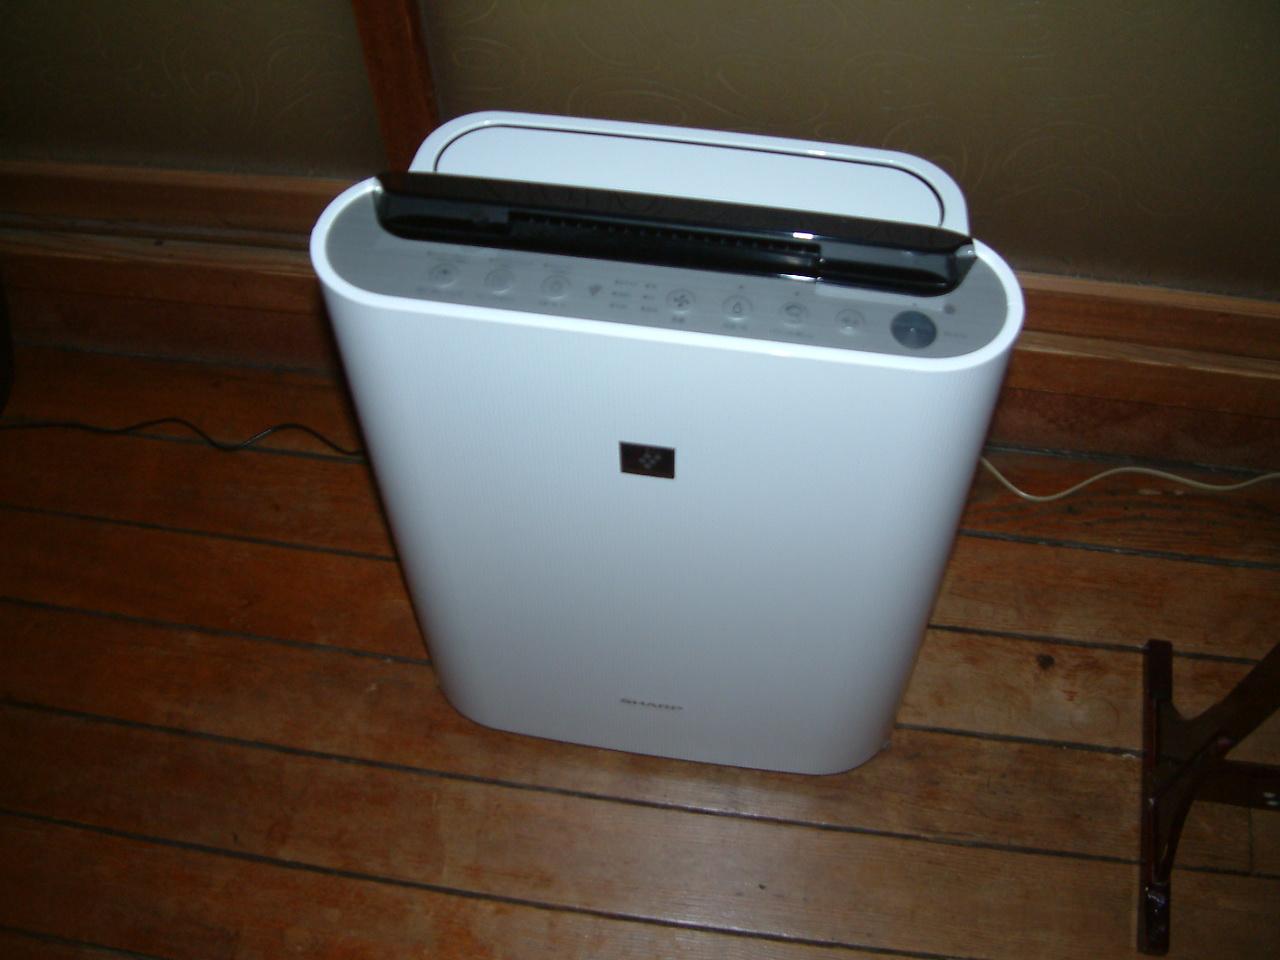 空気清浄機 一例 昔ながらの雰囲気を壊さないでお客様の利便性も高めたい